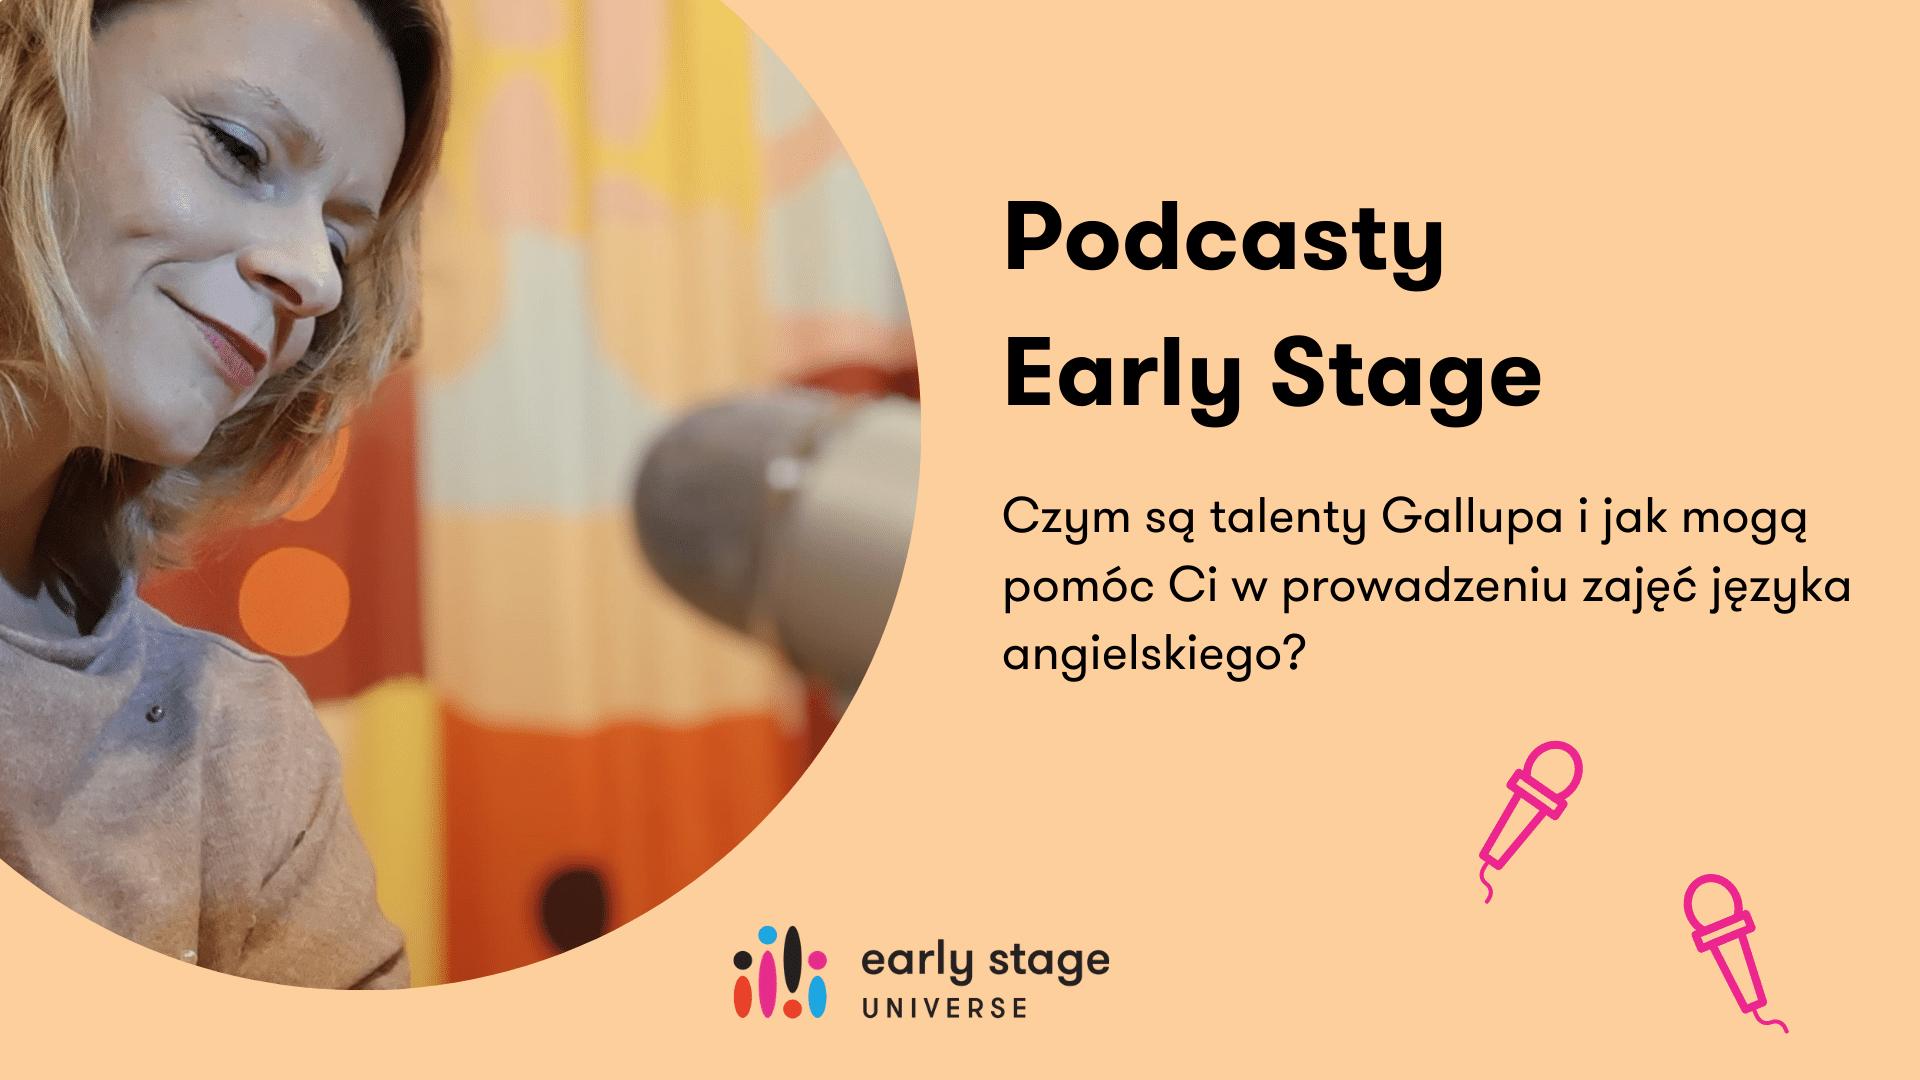 Podcast Czym są talenty Gallupa i jak mogą pomóc Ci w prowadzeniu zajęć języka angielskiego